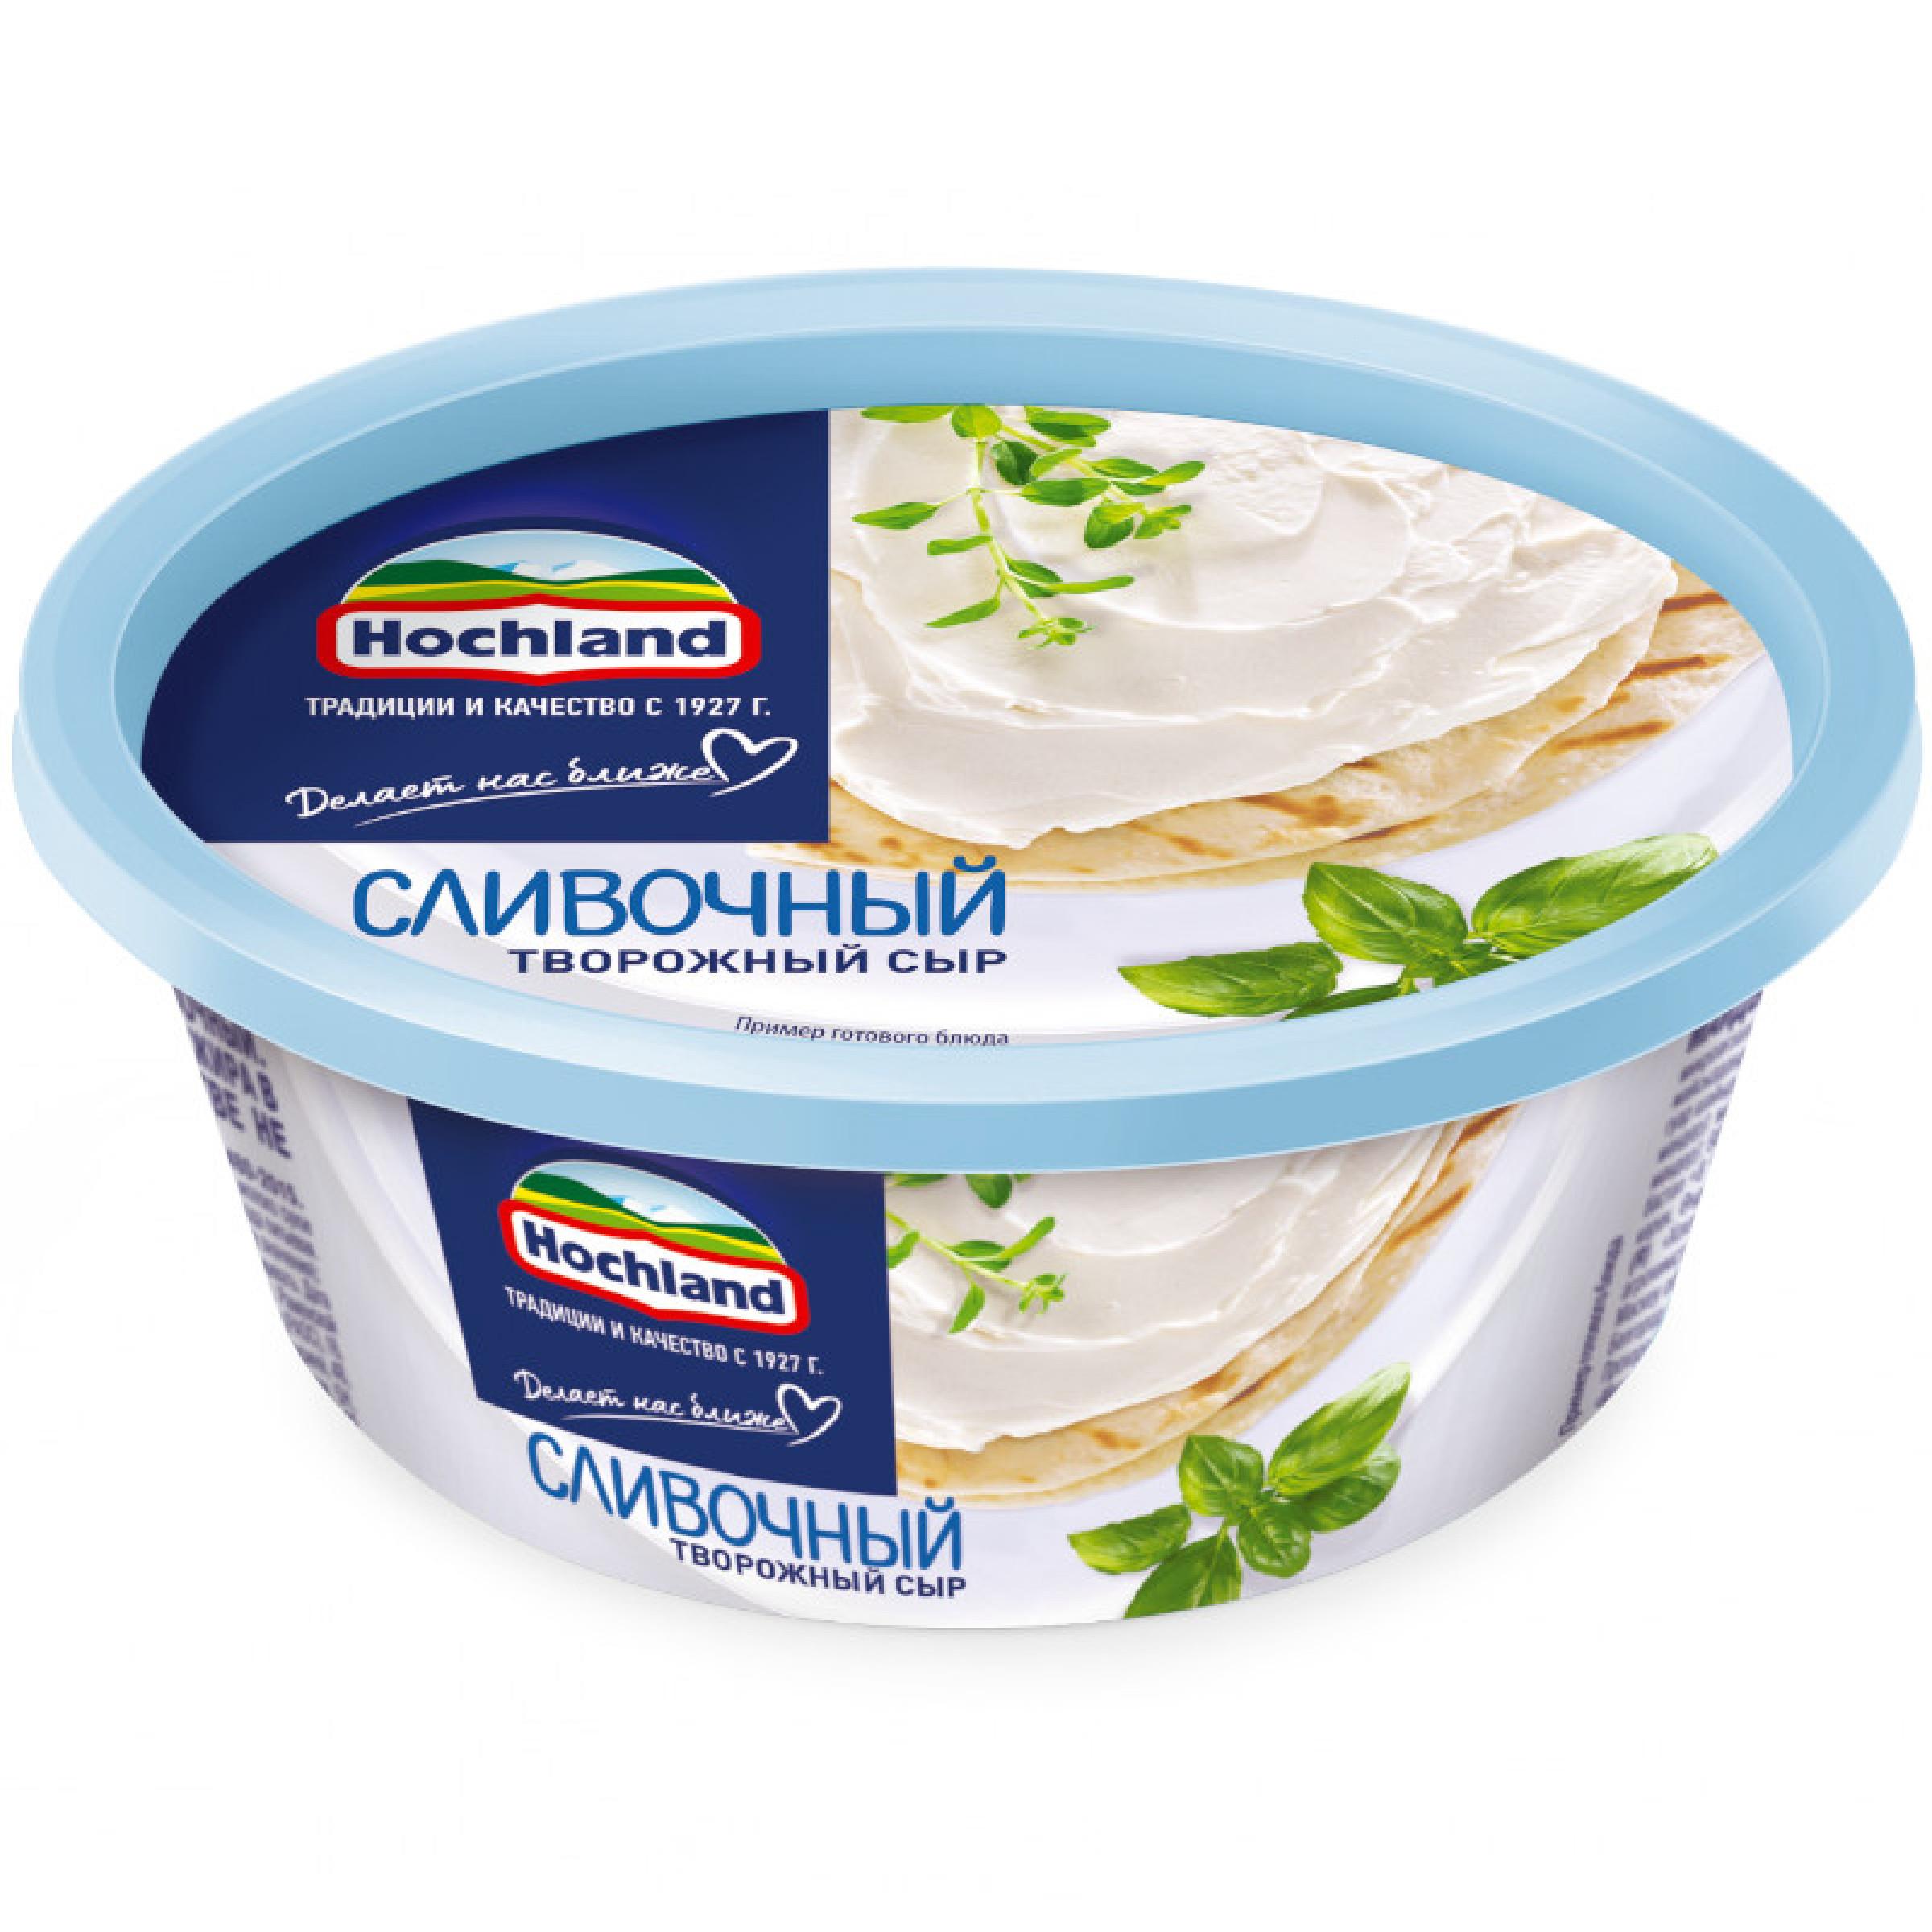 Сыр Hochland творожный Сливочный 60%, 140гр